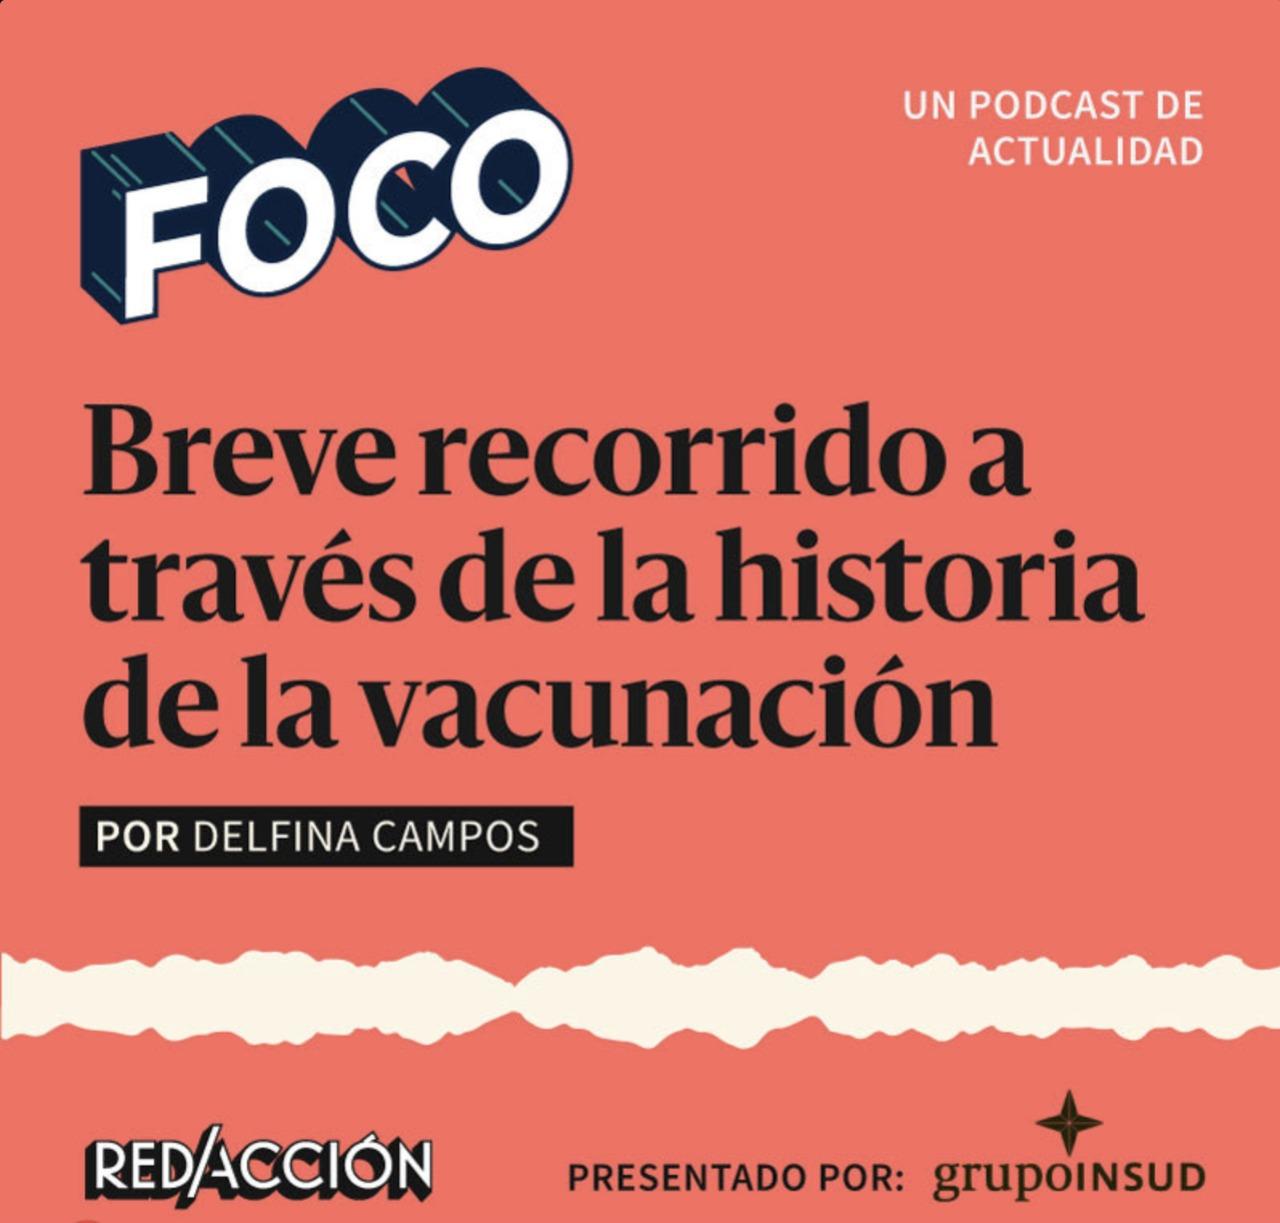 Podcast Delfina Campos - Breve recorrido a través de la historia de la vacunación